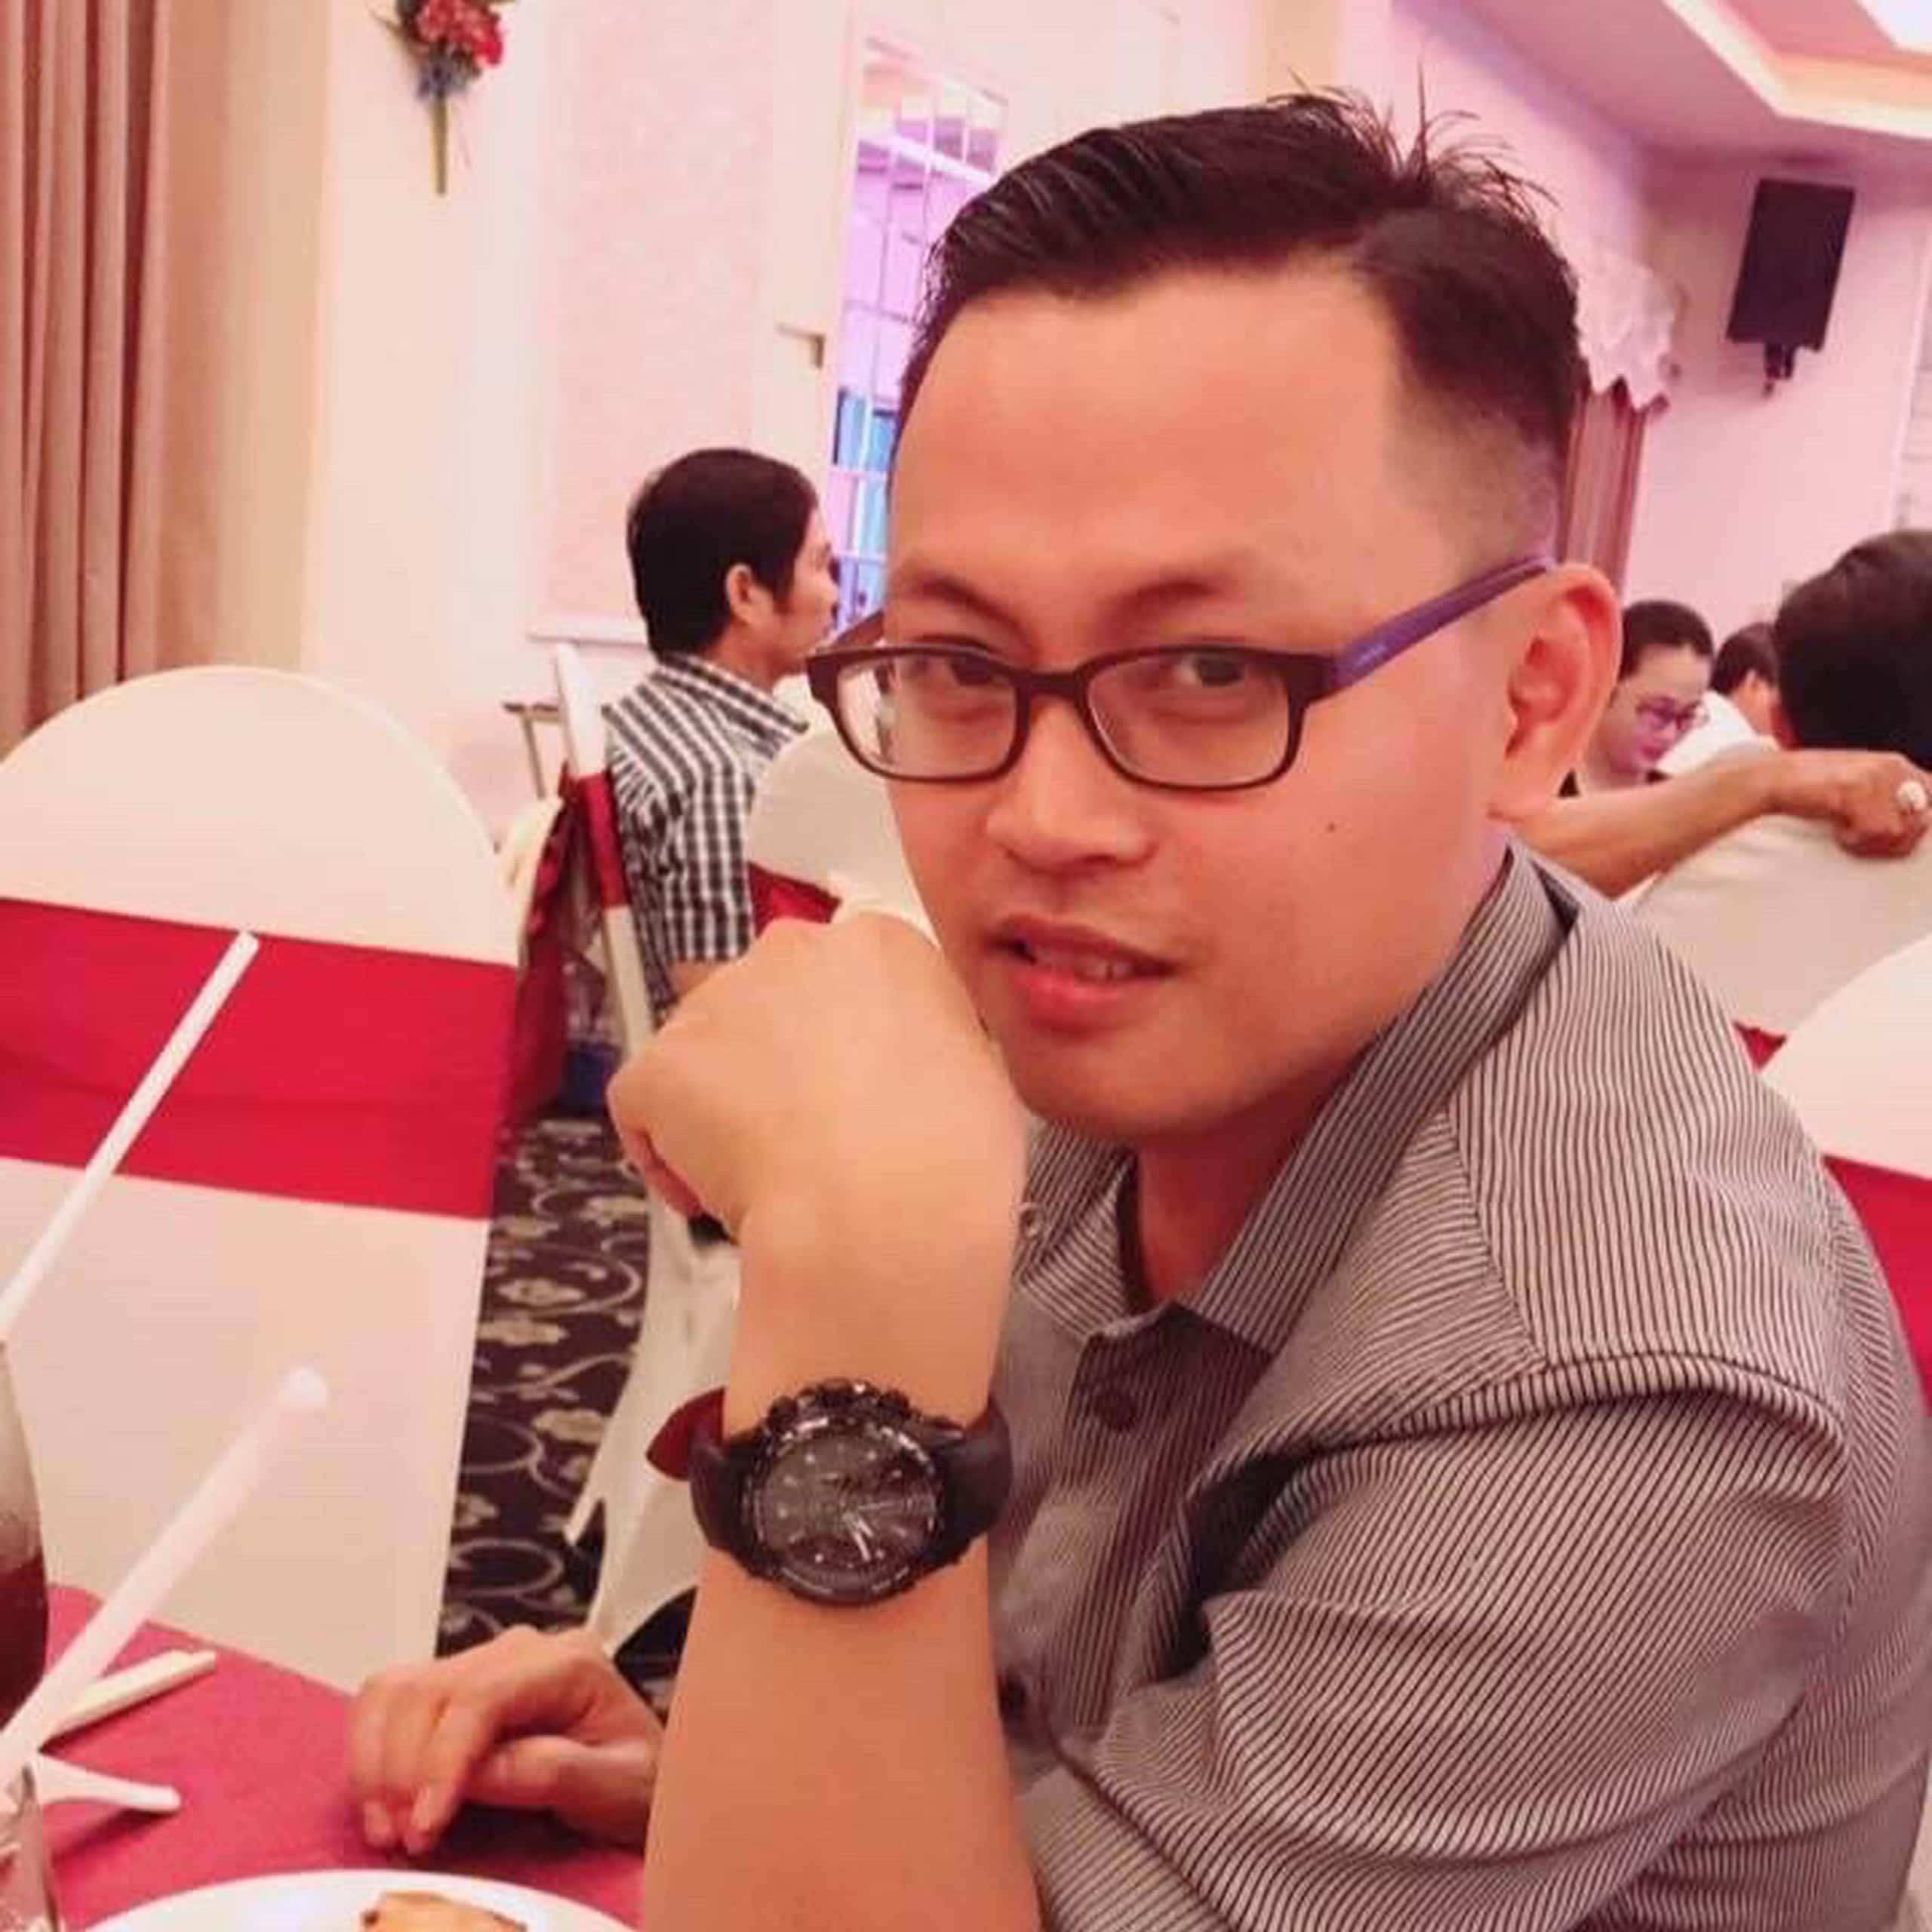 Hoàng Minh Liêm